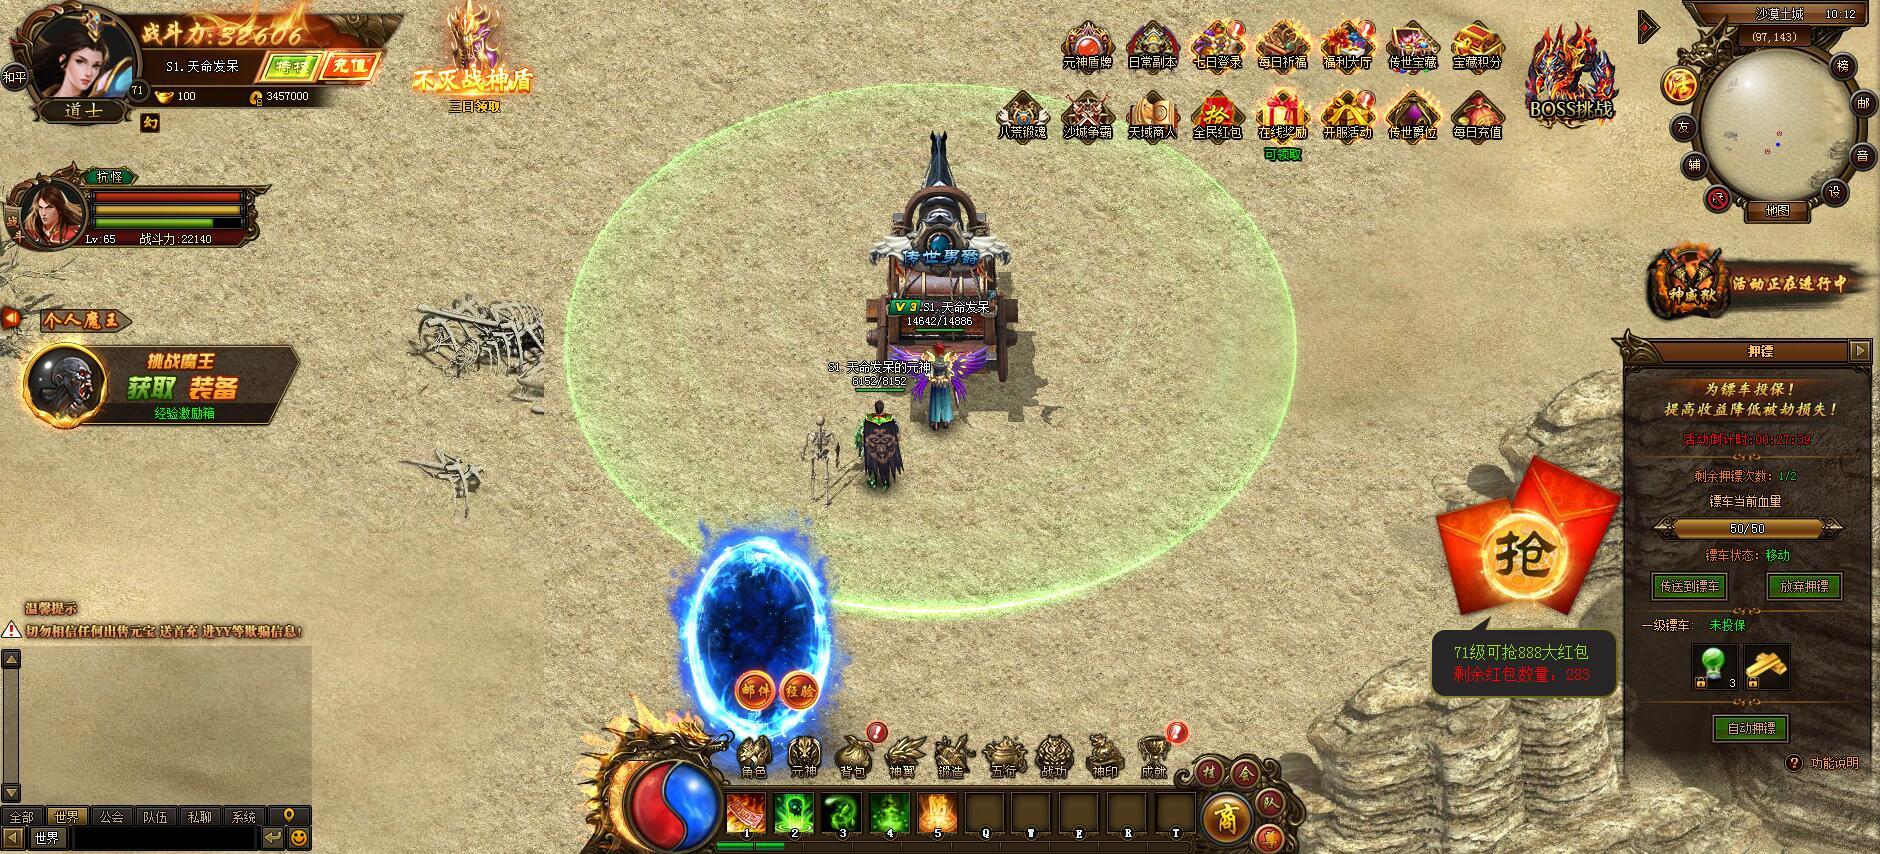 《赤焰战神》游戏截图